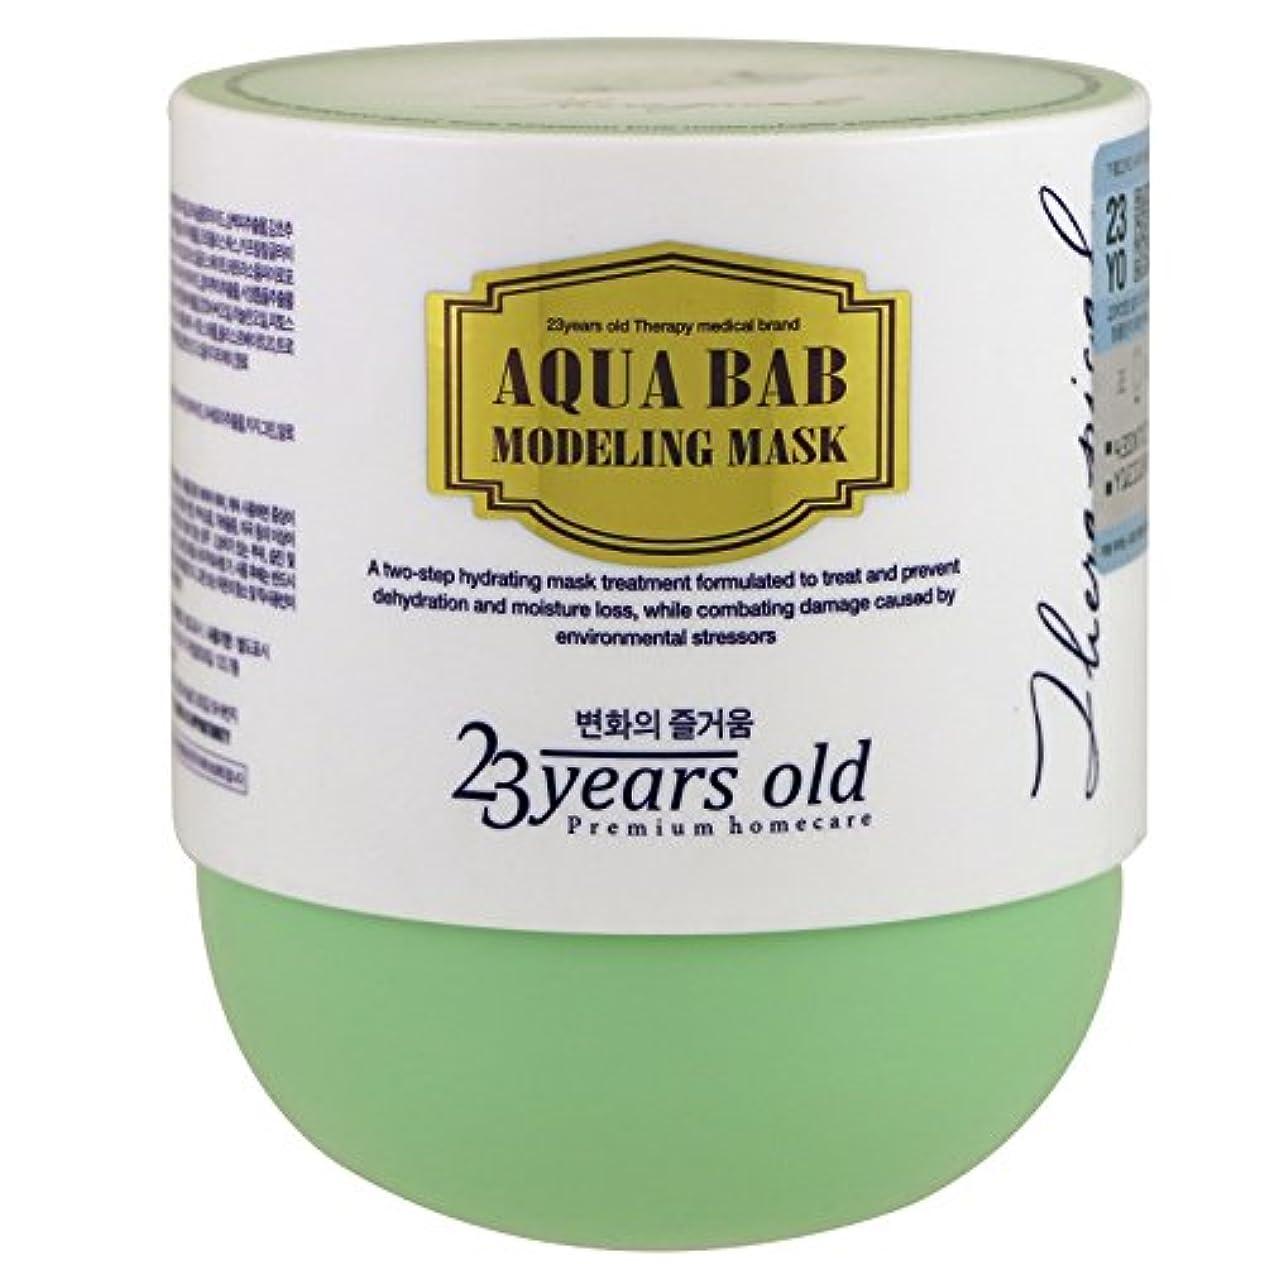 収容するムス溶接23years olr(23イヤーズオールド) アクアバブ モデリングマスク 4回分